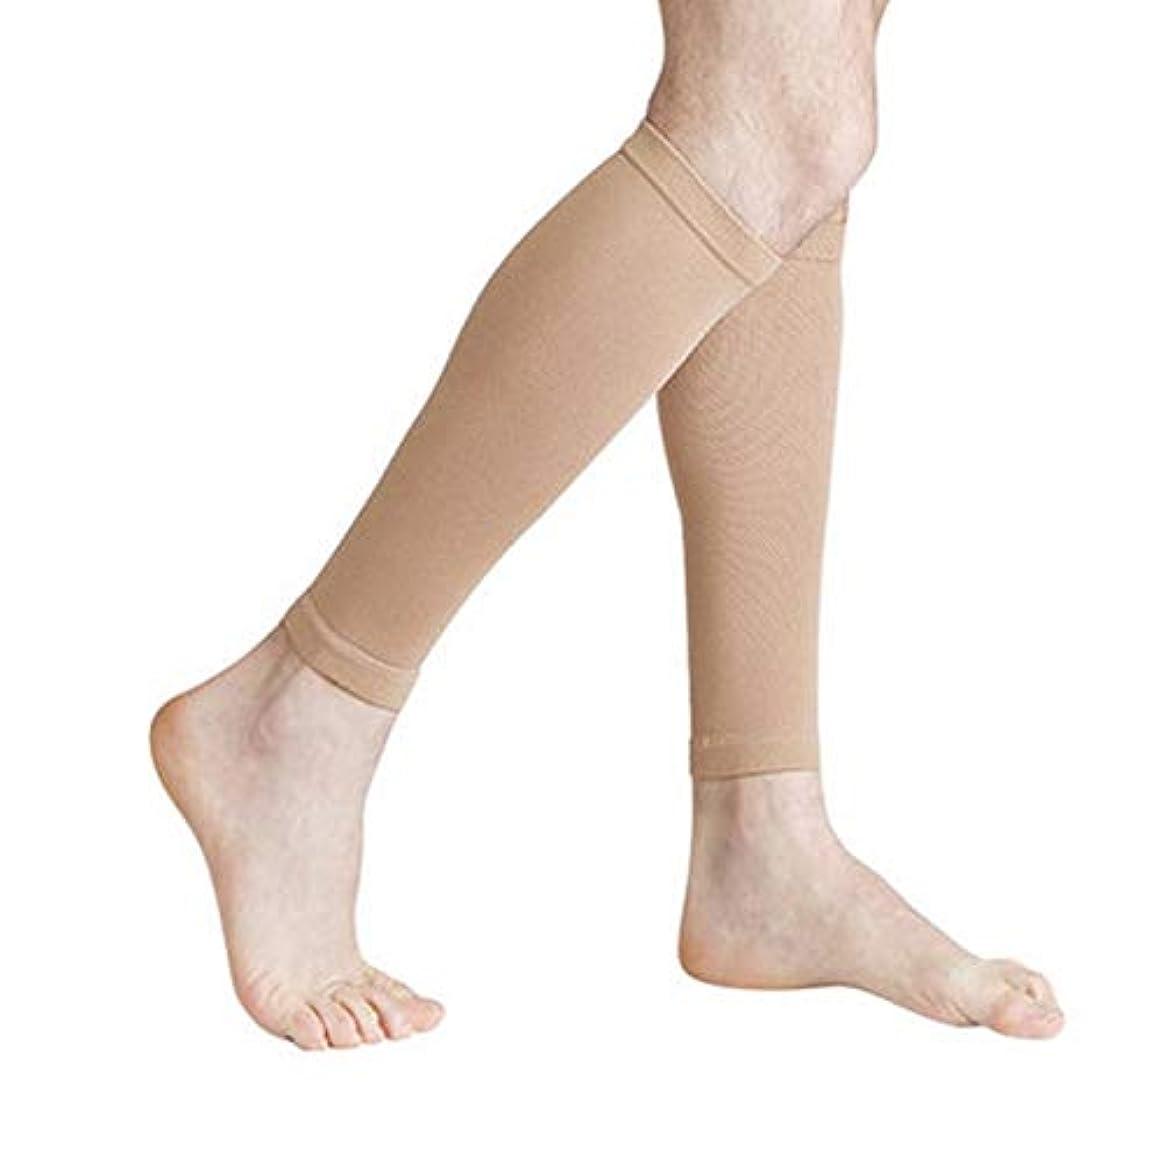 リネン全く愚かな丈夫な男性女性プロの圧縮靴下通気性のある旅行活動看護師用シントスプリントフライトトラベル - 肌色